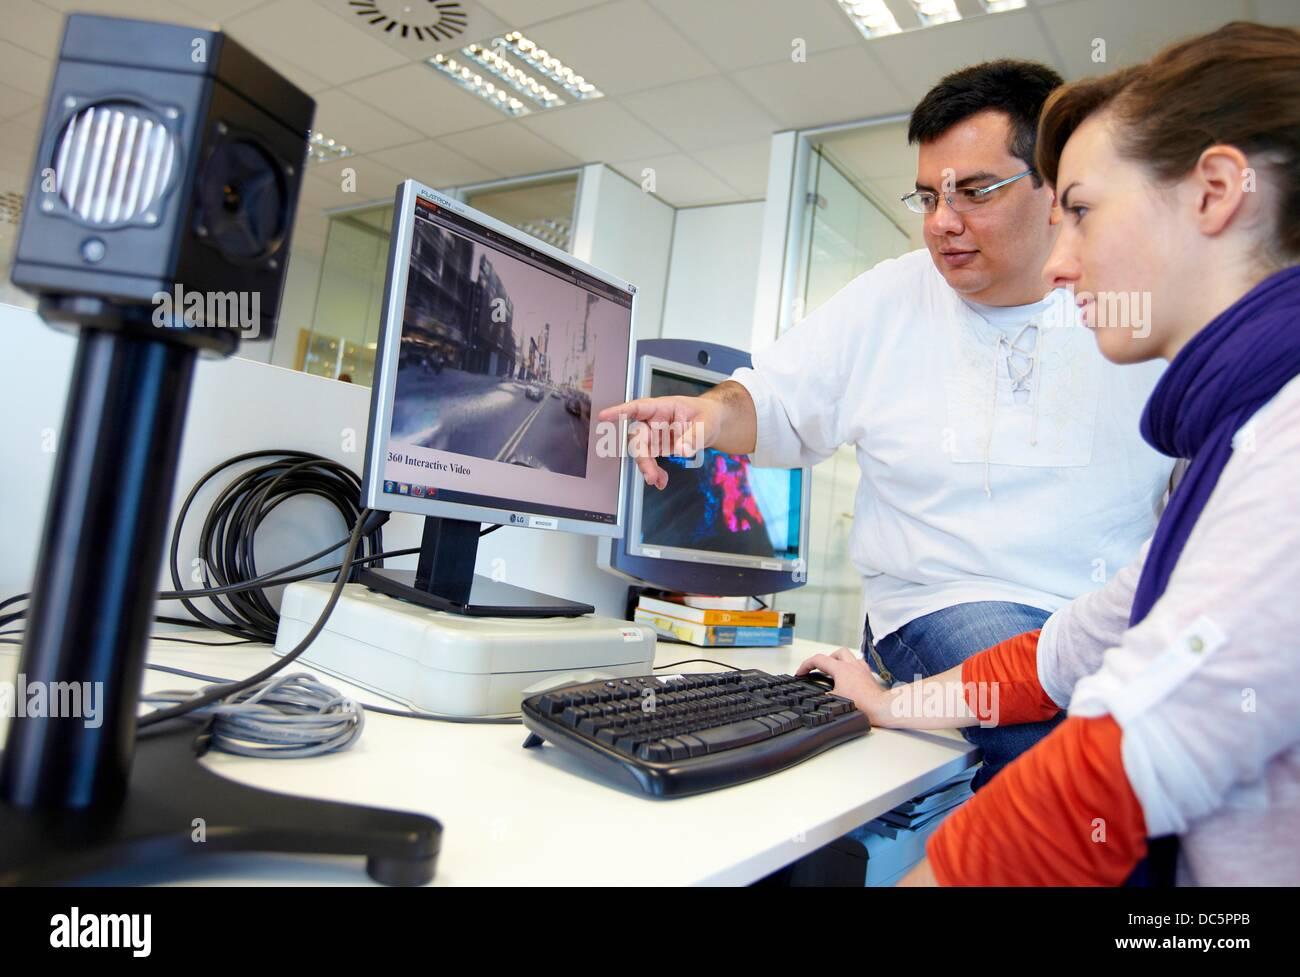 Video demo omnidireccional, sistemas inteligentes de transporte e ingeniería, VICOMTECH-IK4 Interacción Imagen De Stock